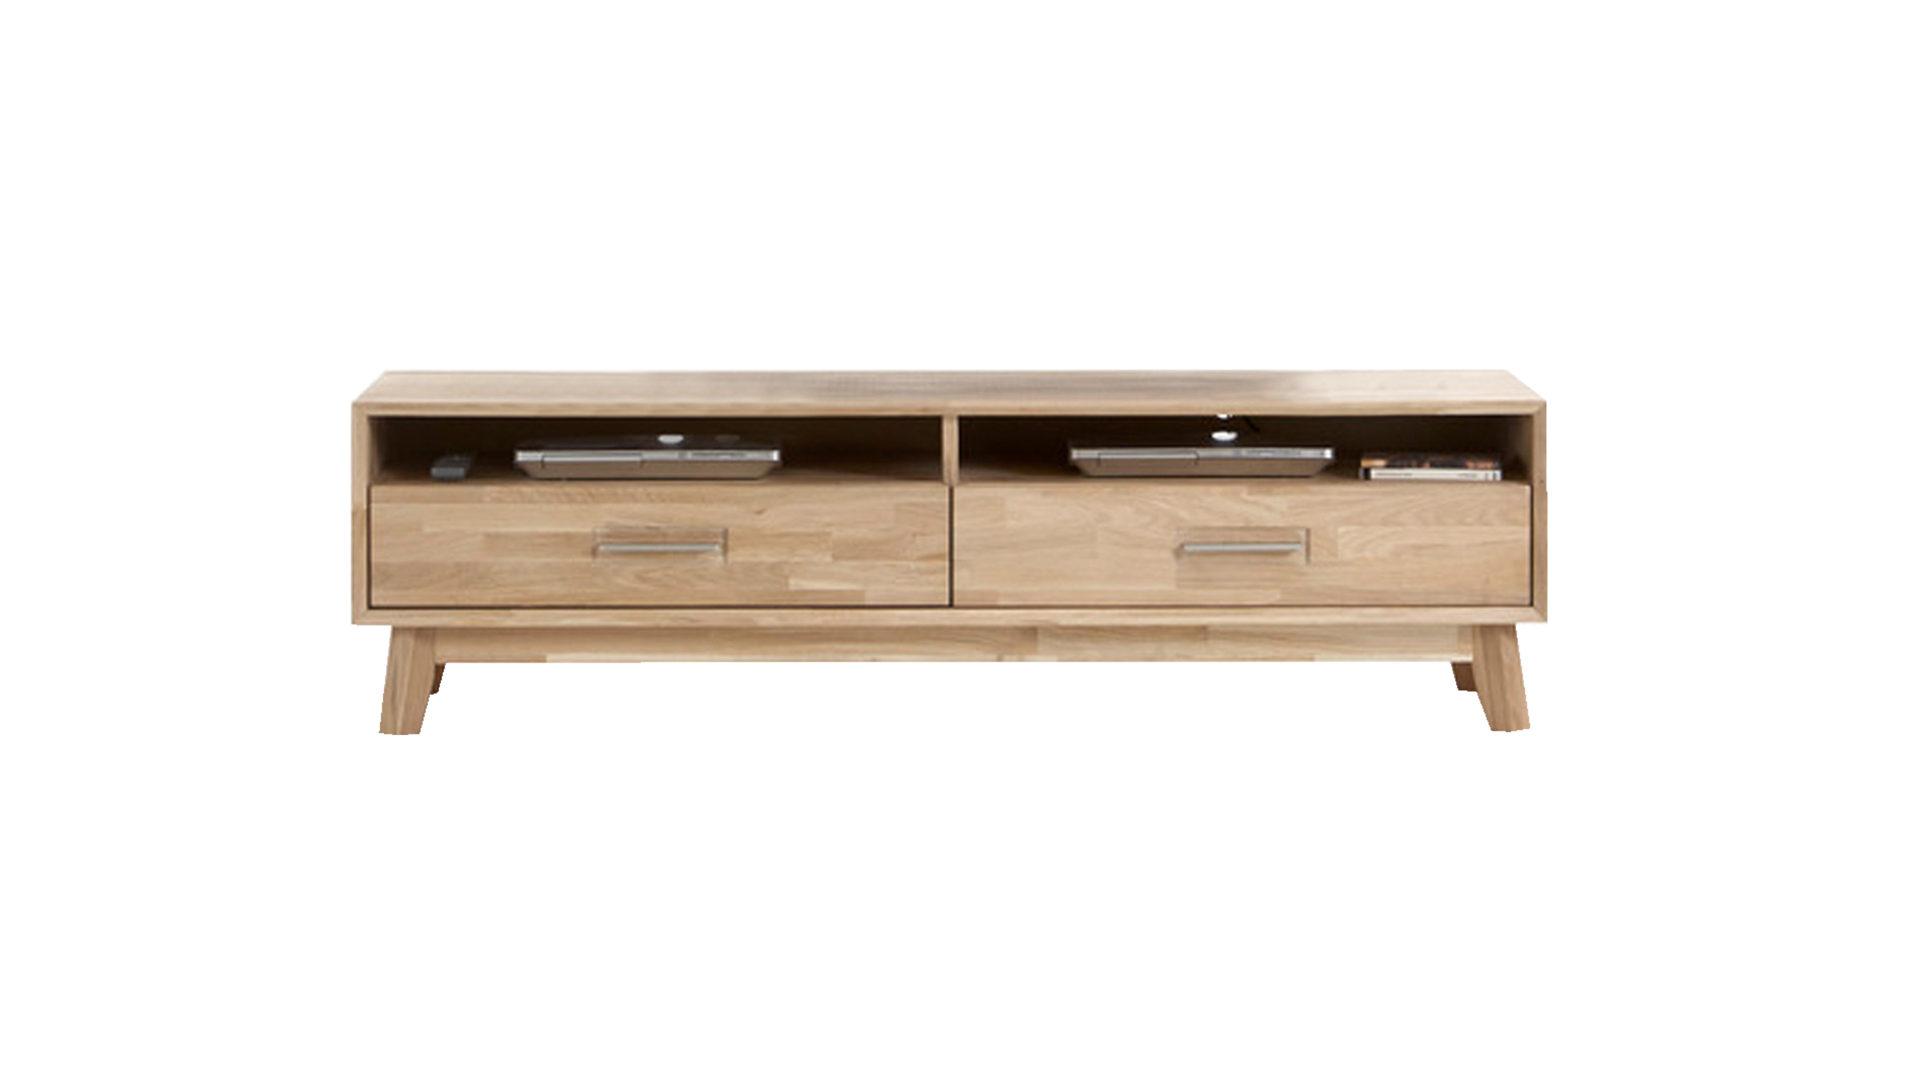 gallery of lowboards kawoo tvmbel kawoo tvmbel gnstiger standard furniture factory in holzfarben with holzfarben mbel